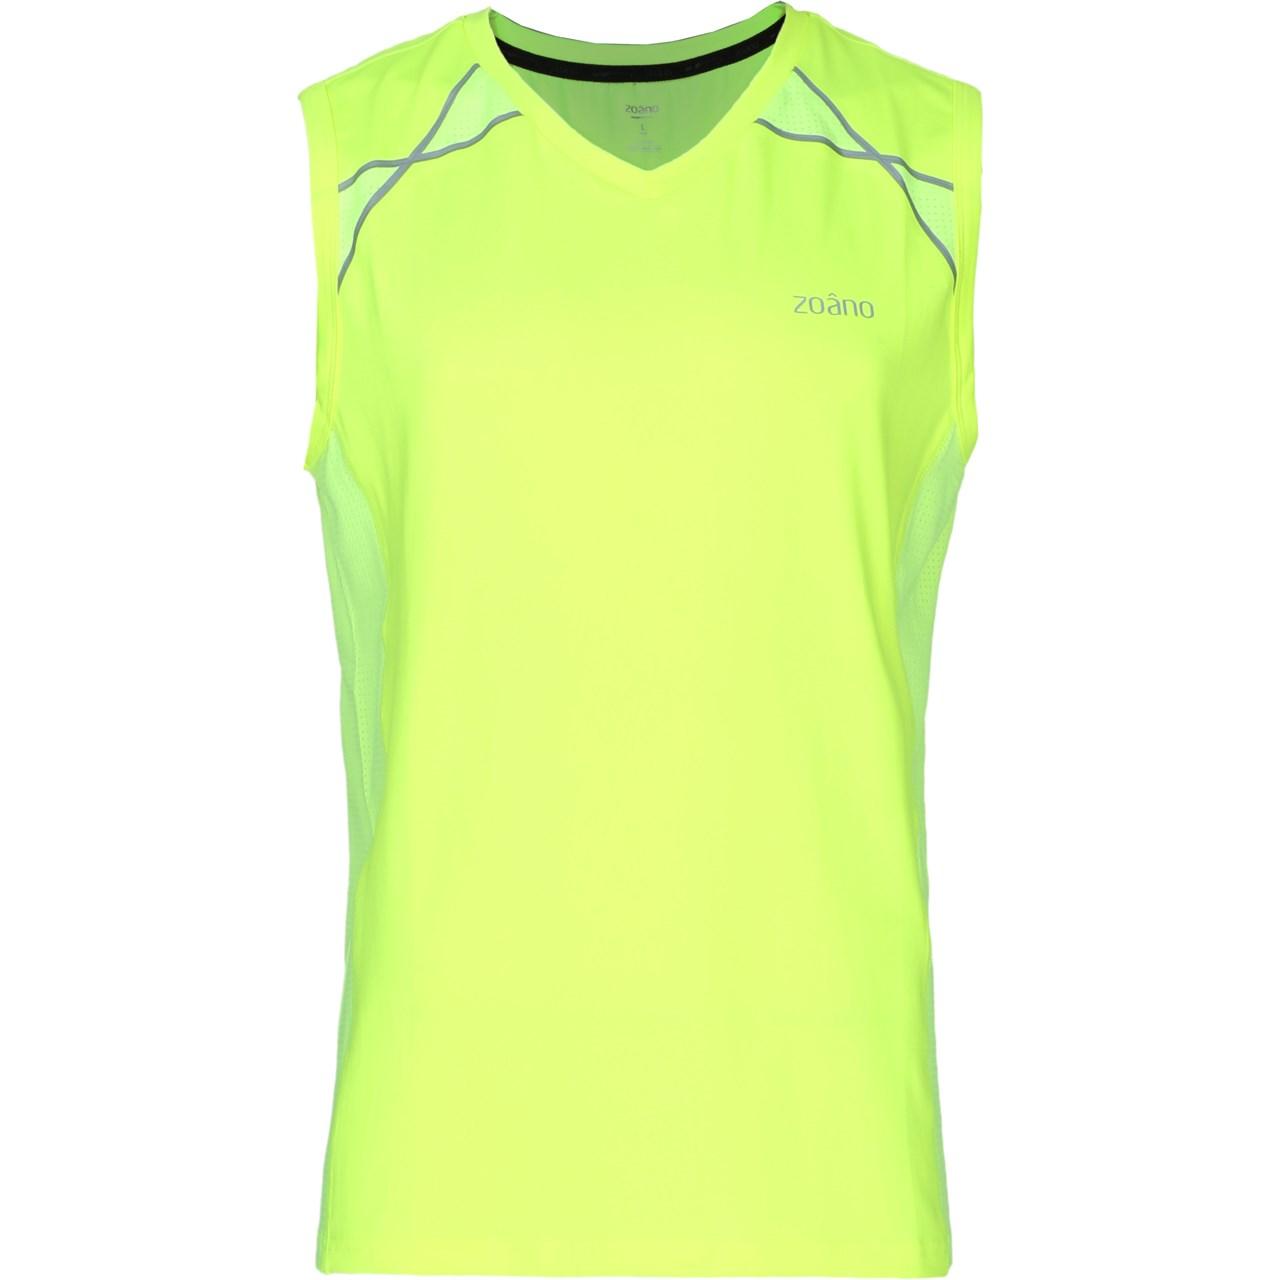 تی شرت آستین حلقه ای مردانه ژوانو مدل MUB61301-A